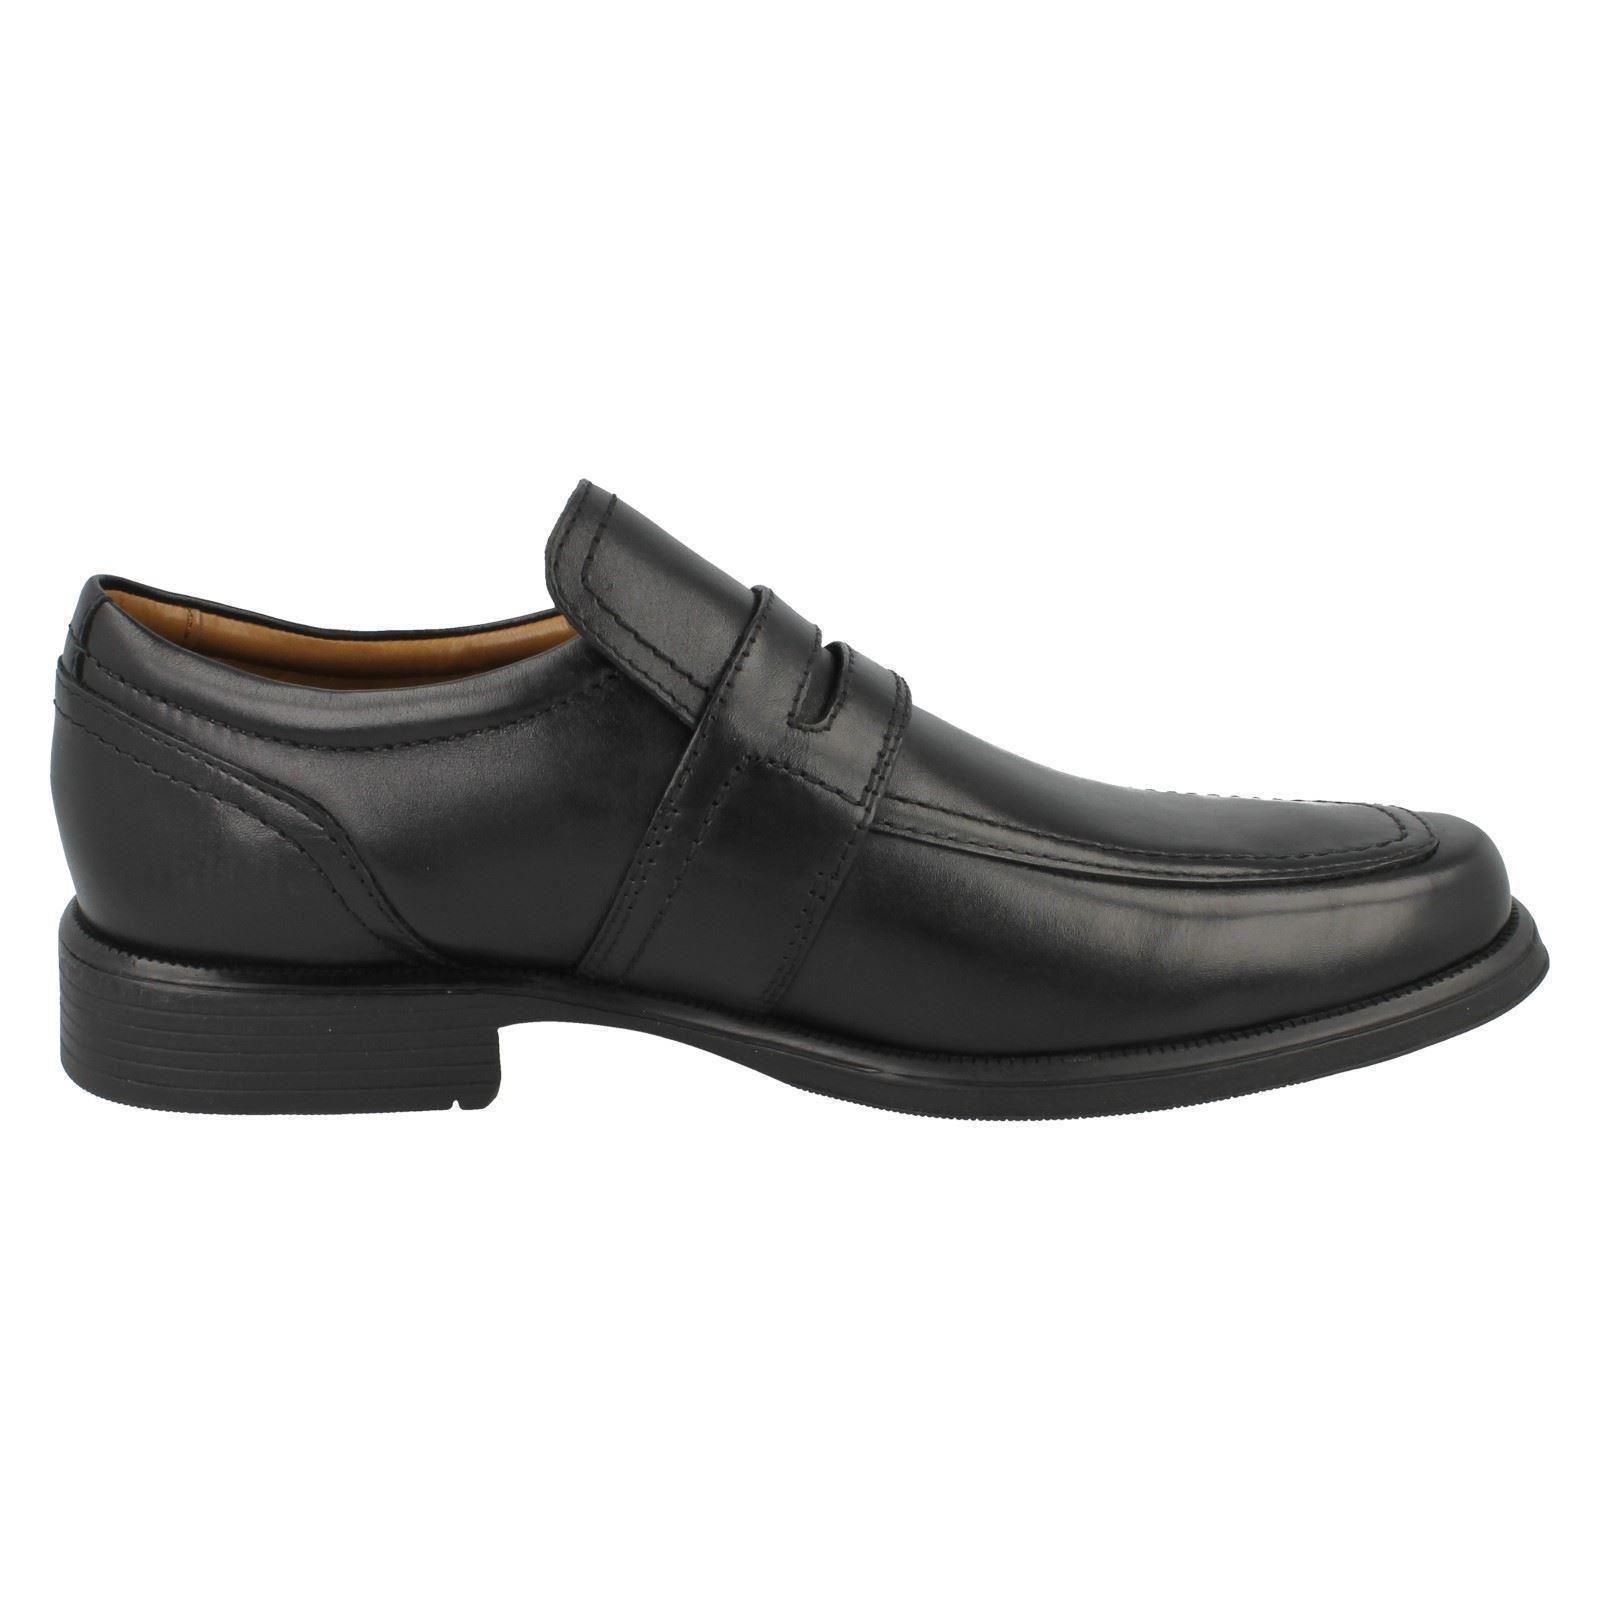 Para Hombre Clarks Fomal Slip On el Zapatos el On estilo-huckley trabajo 901536